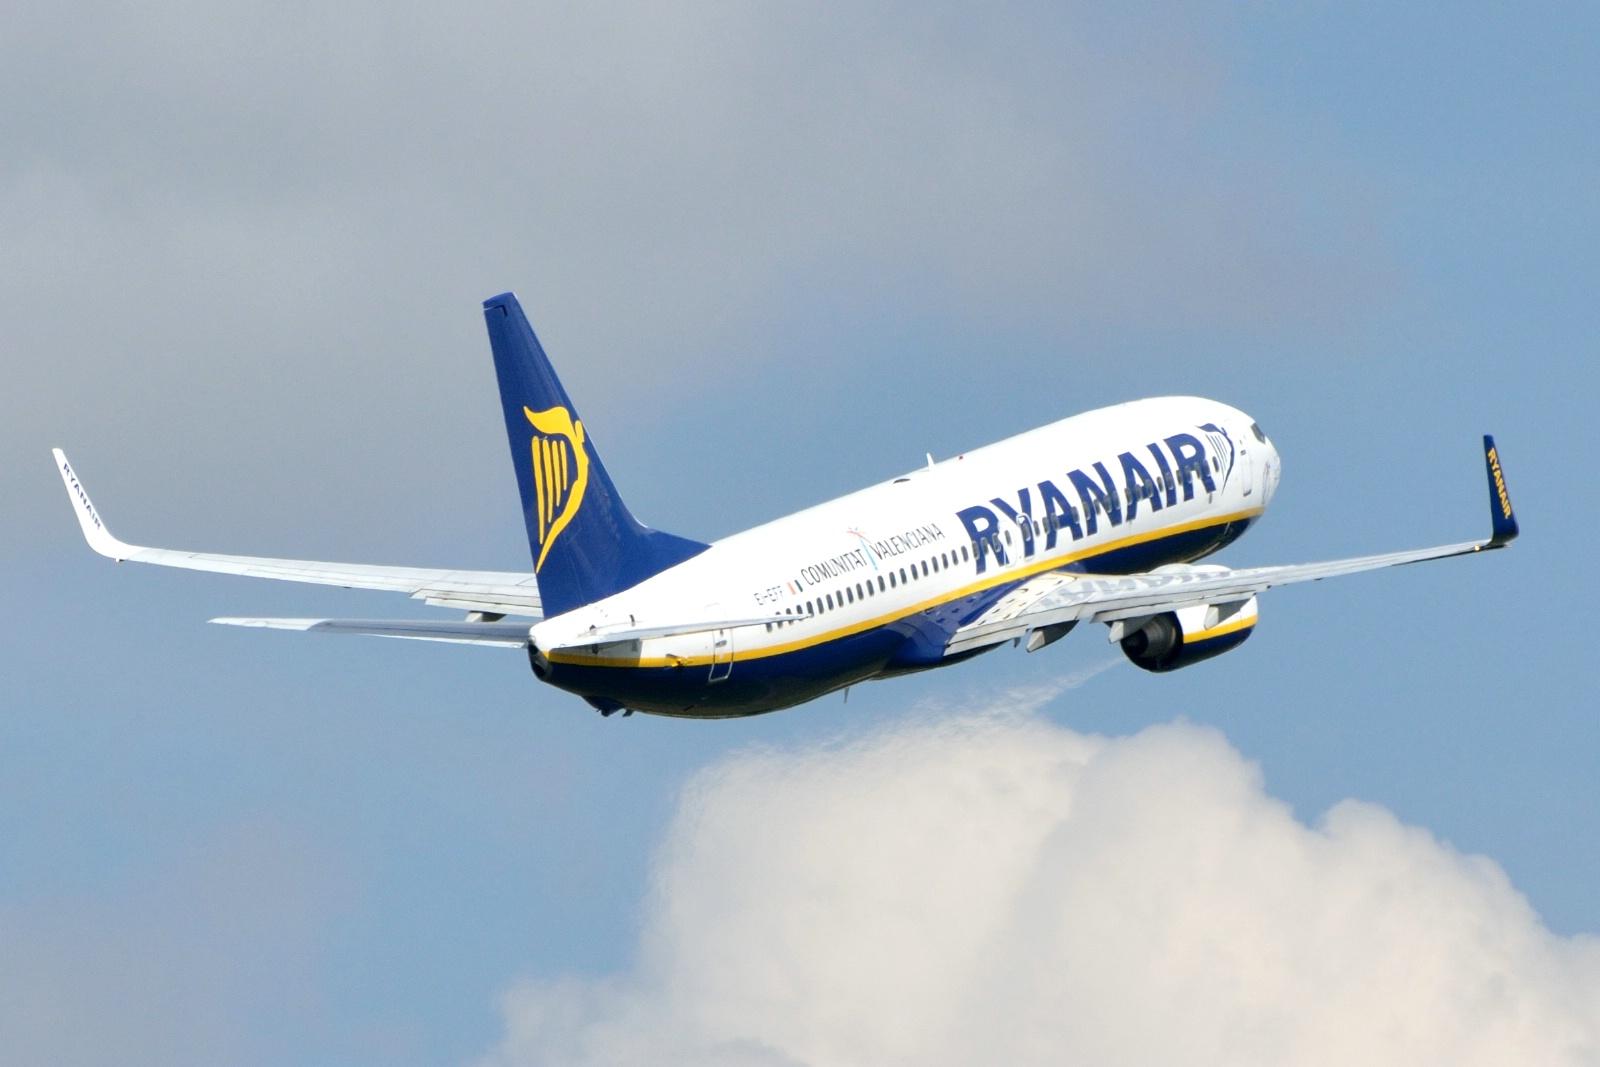 Ryanair Boeing 737-800 (Foto: Morten Lund Tiirikainen)